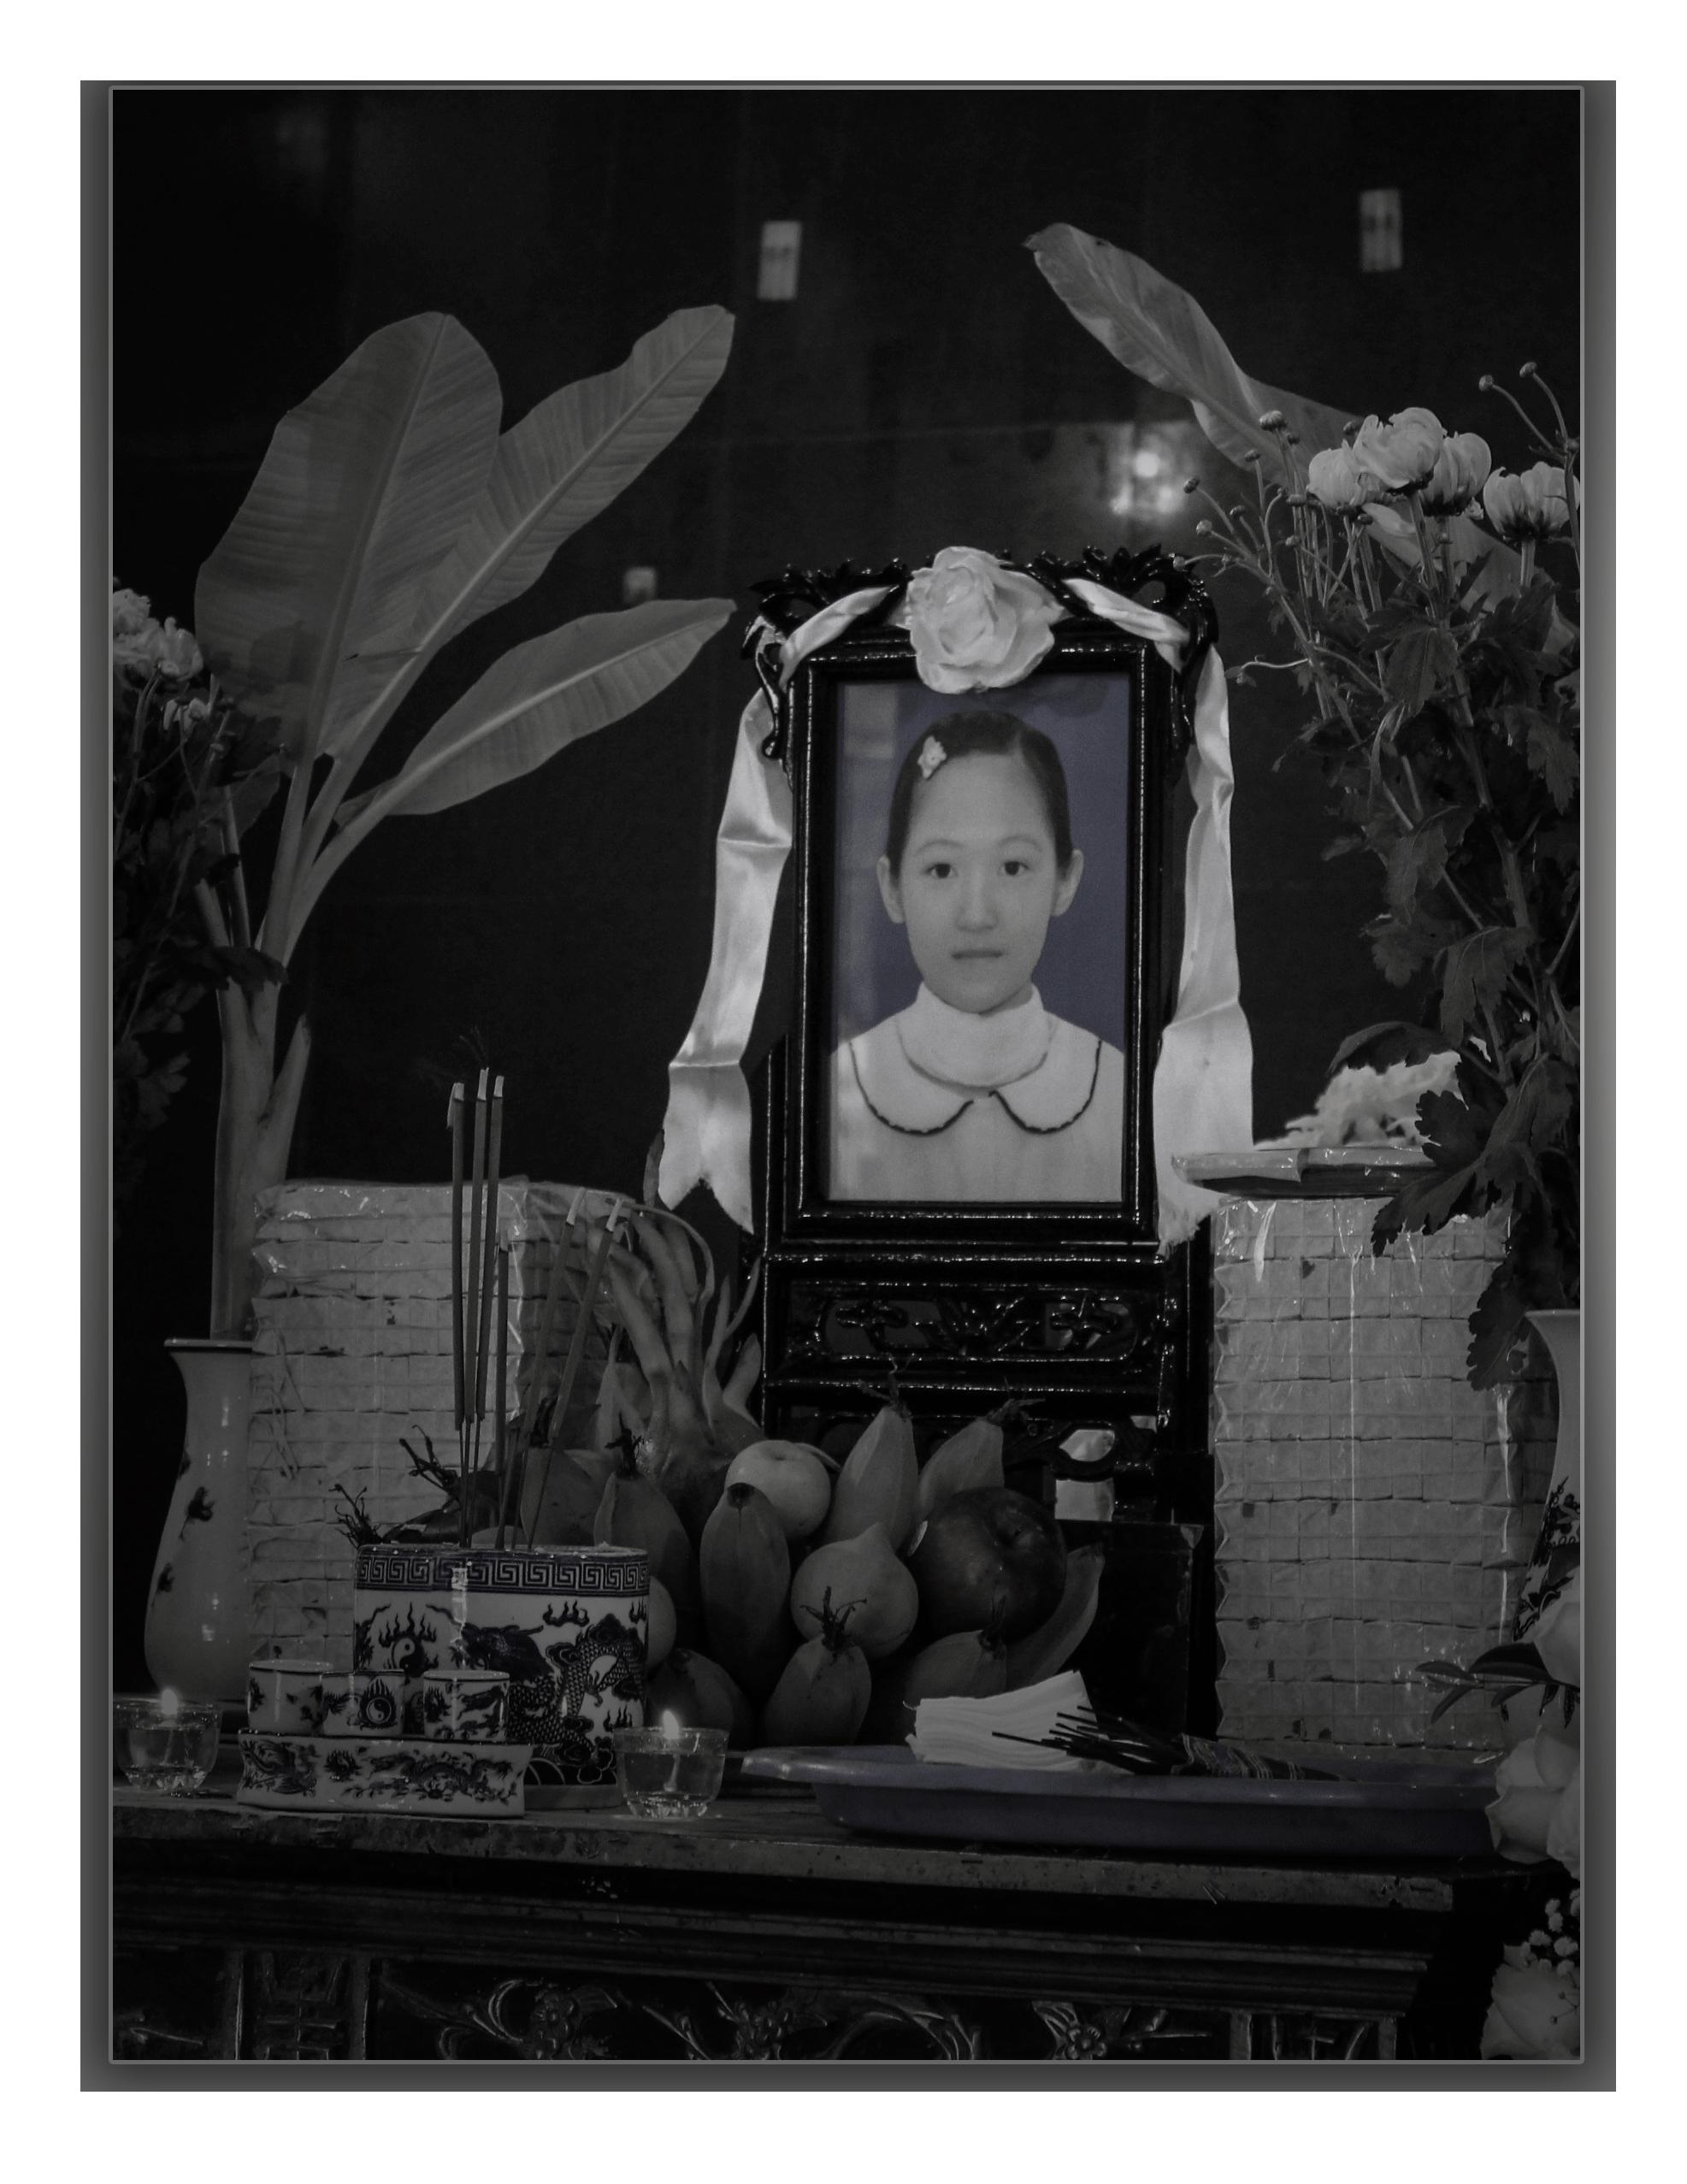 (eMagazine)- Bác sĩ nhói lòng về cái chết của bé gái hiến giác mạc - Ảnh 2.